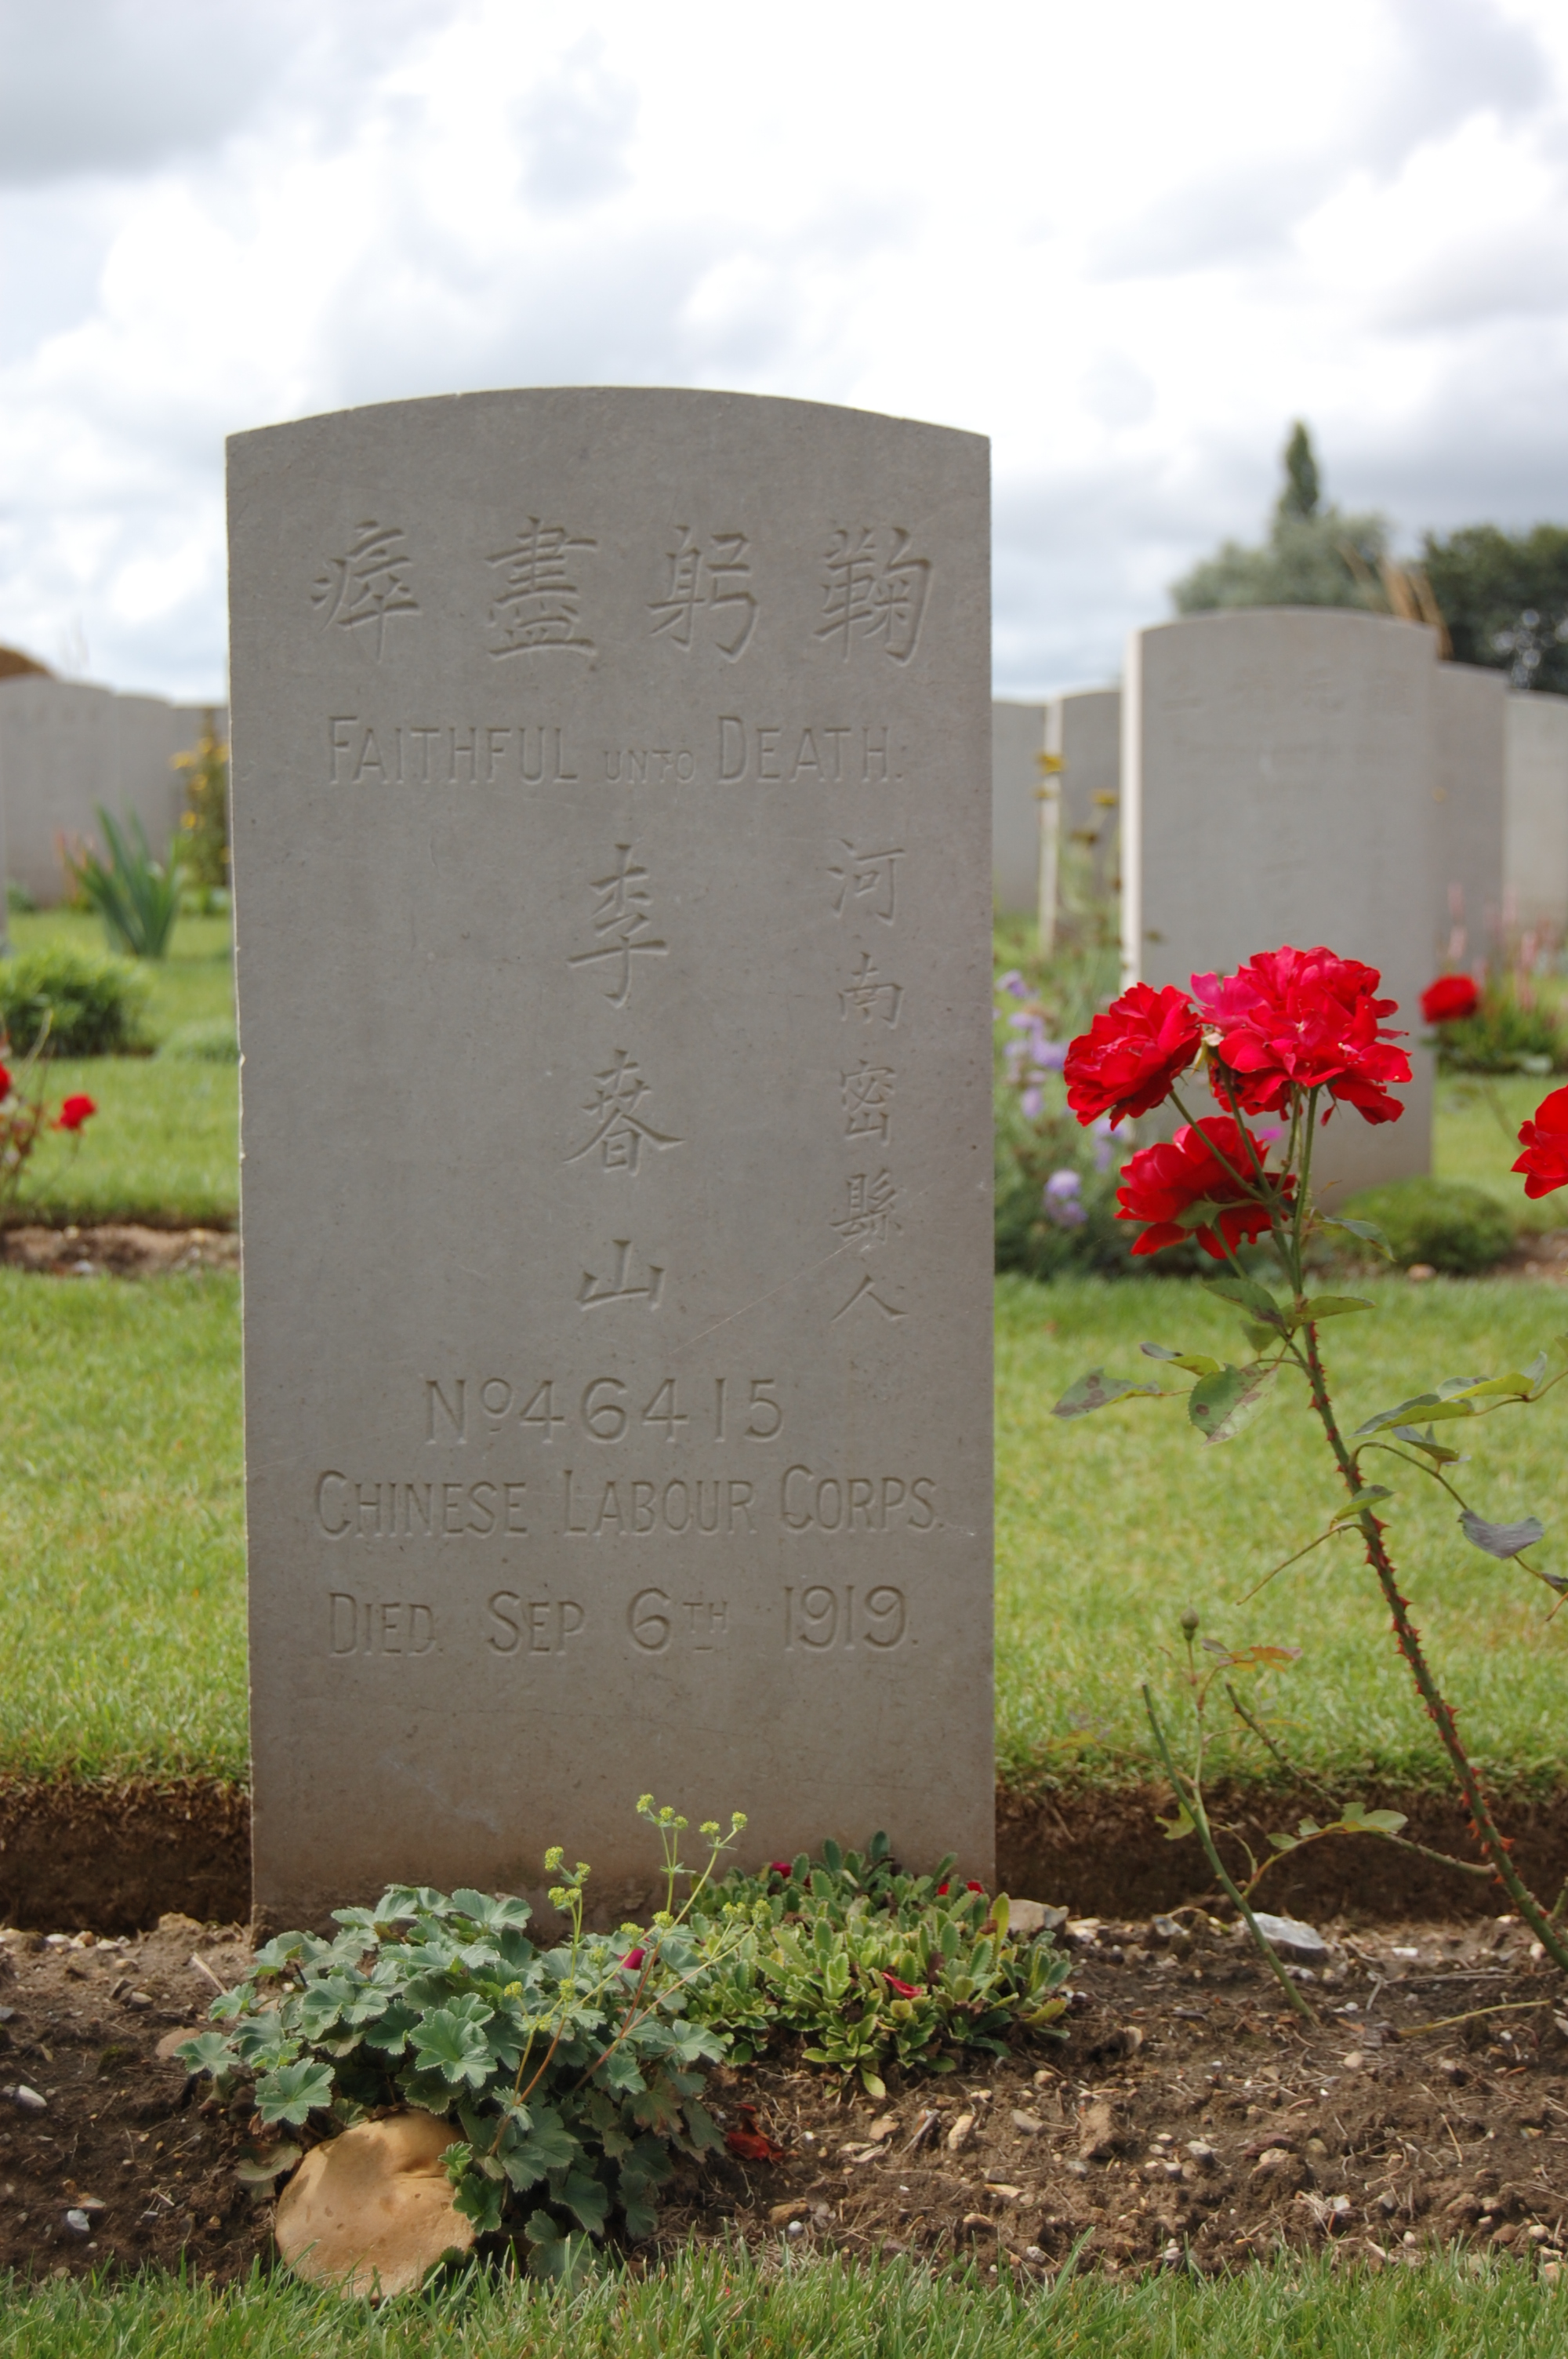 Sur chaque stèle du cimetière est gravée une phrase en anglais, distribuée au hasard parmi les 842 tombes. Ici, l'inscription « Faithful unto death » signifie « Loyal jusqu'à la mort ». © Hélène Herman